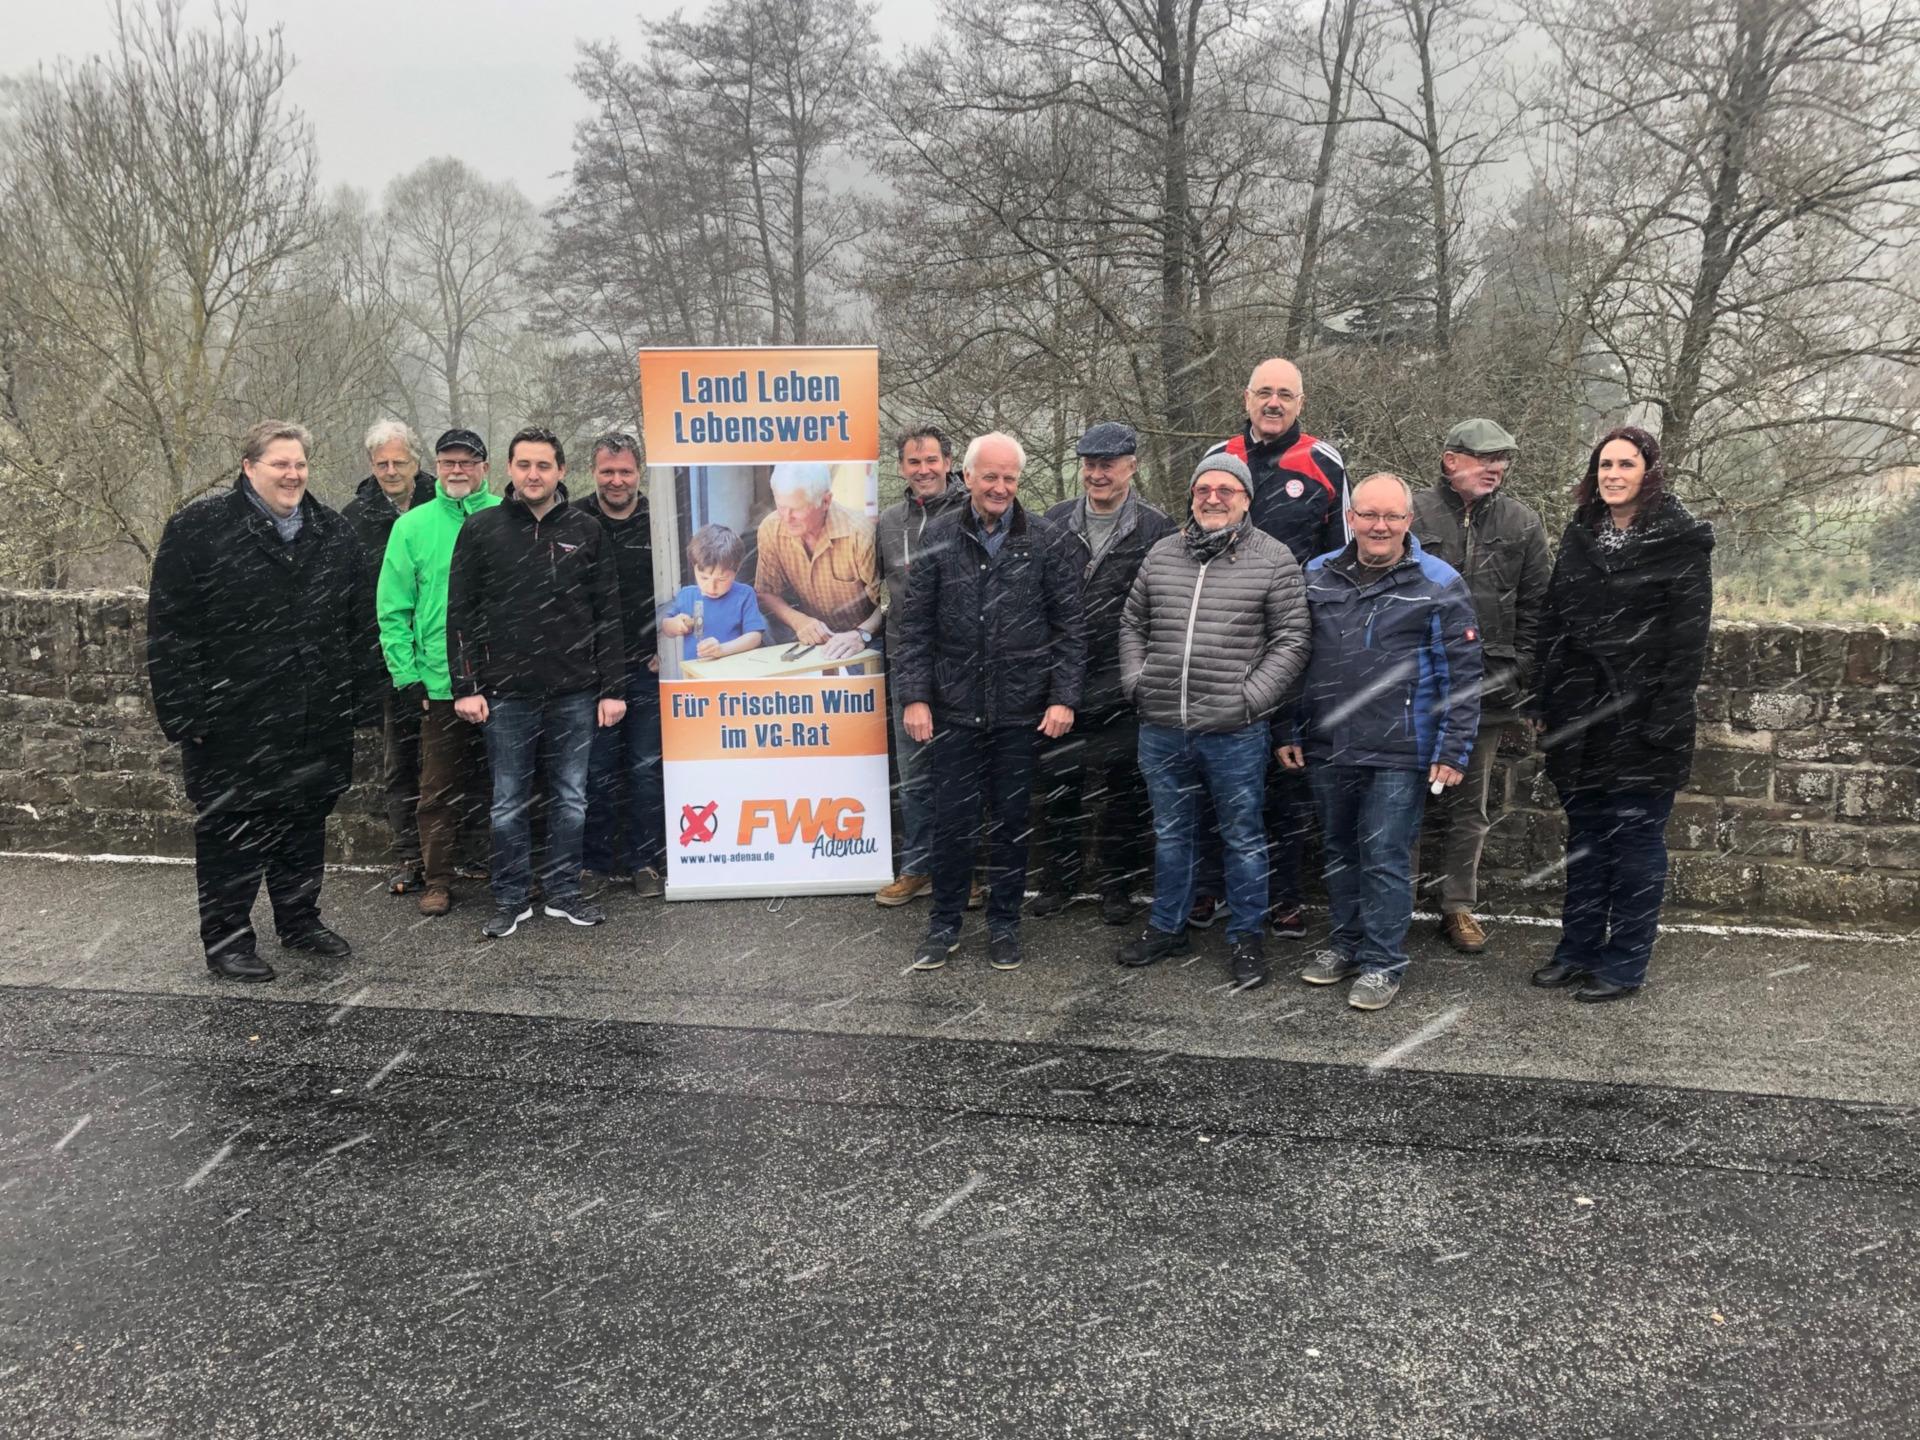 Hochwasserschutzprojekt an der Ahr in Antweiler wurde über die FWG angeregt